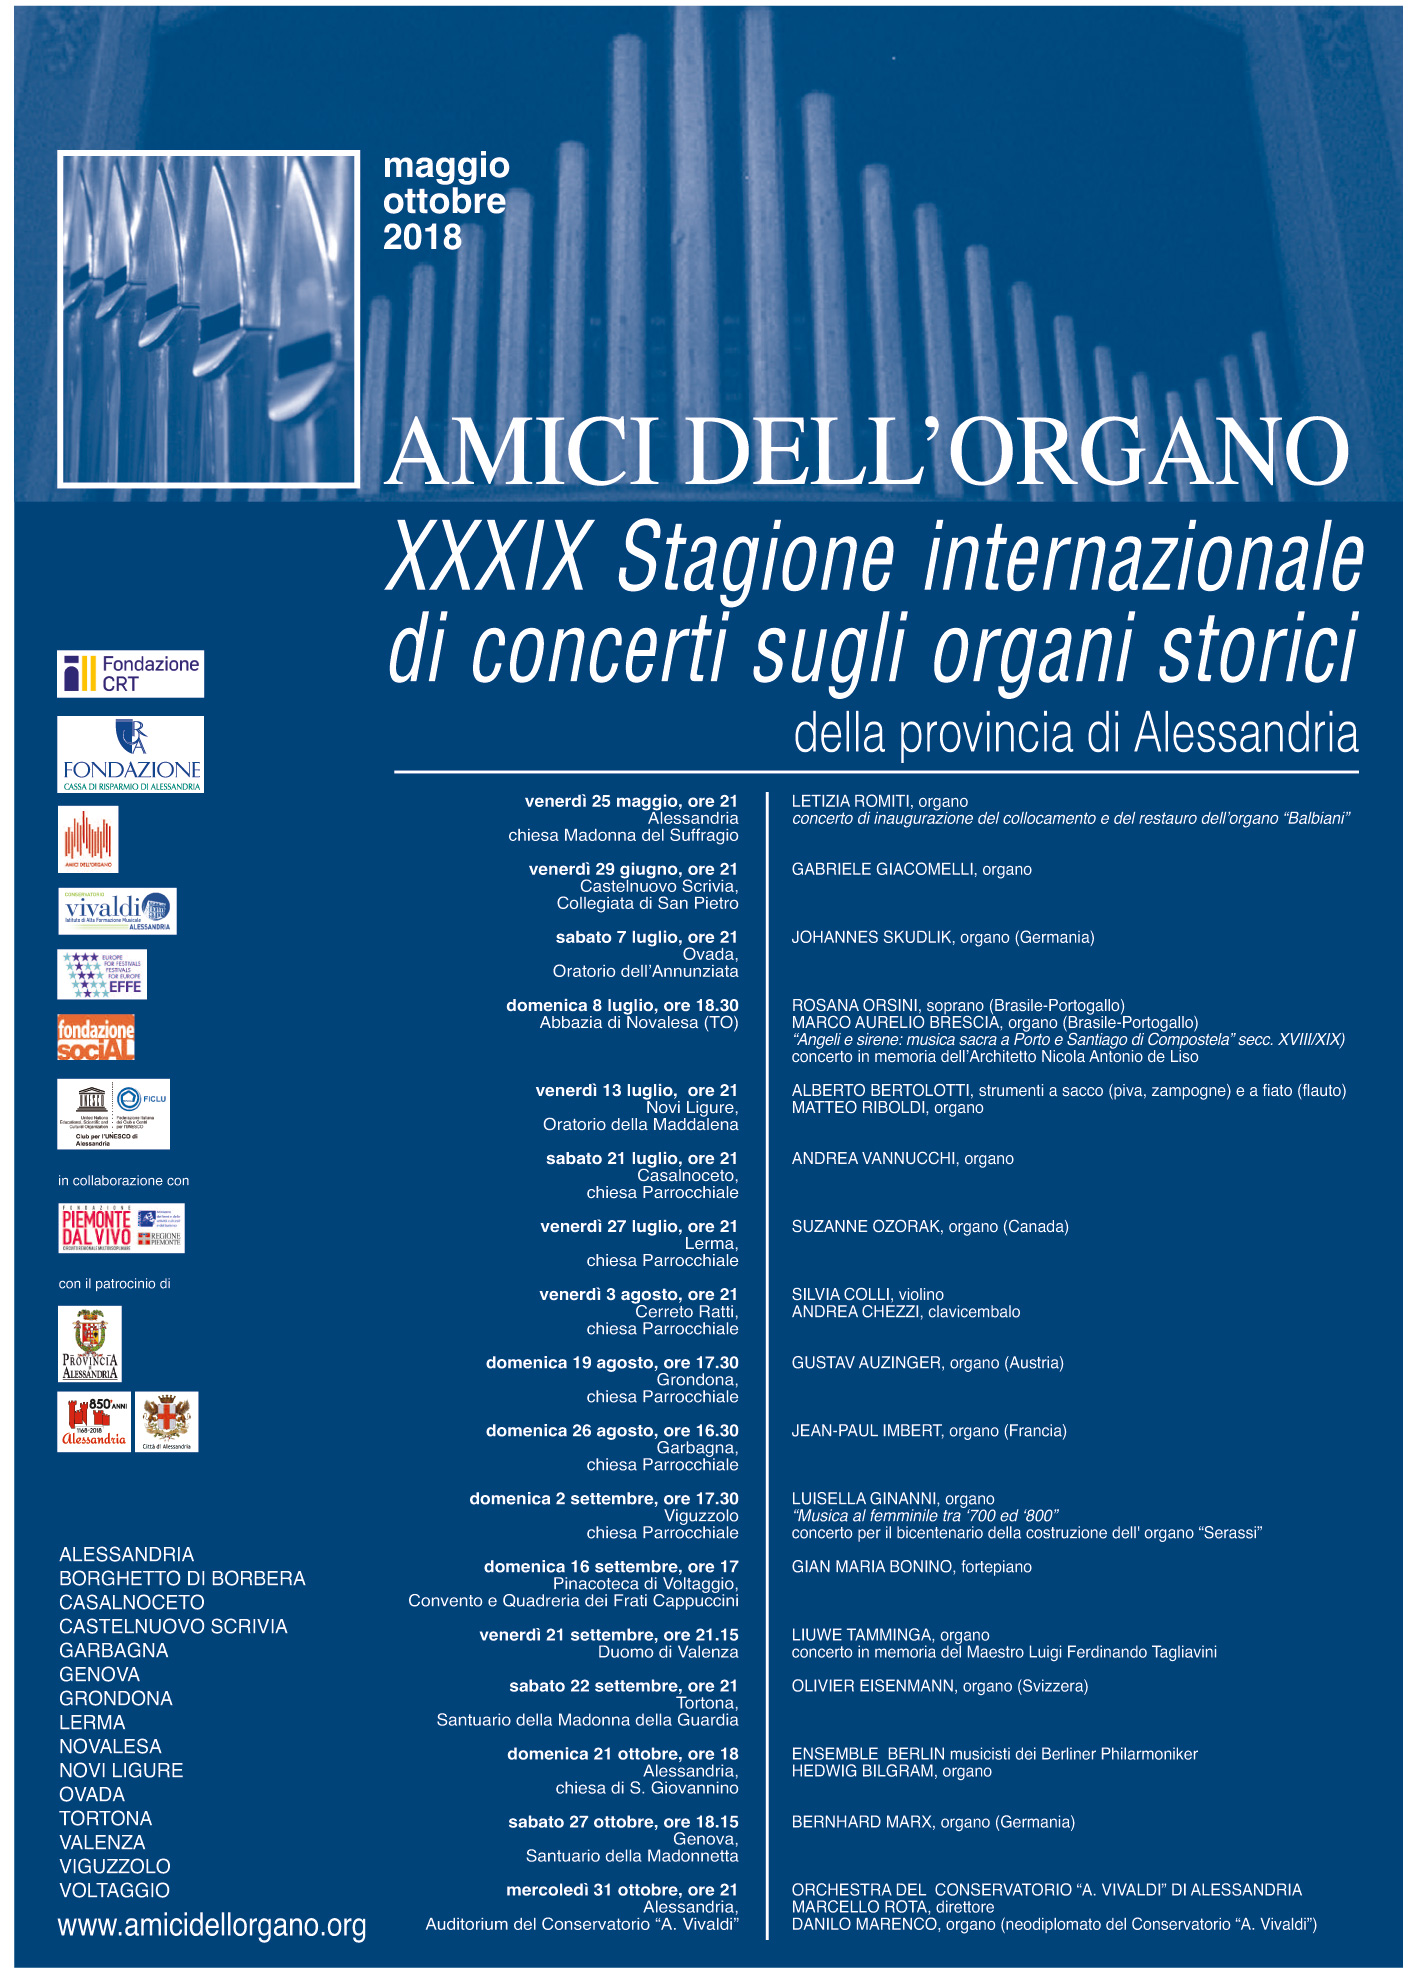 Locandina XXXIX Stagione internazionale di concerti sugli organi storici